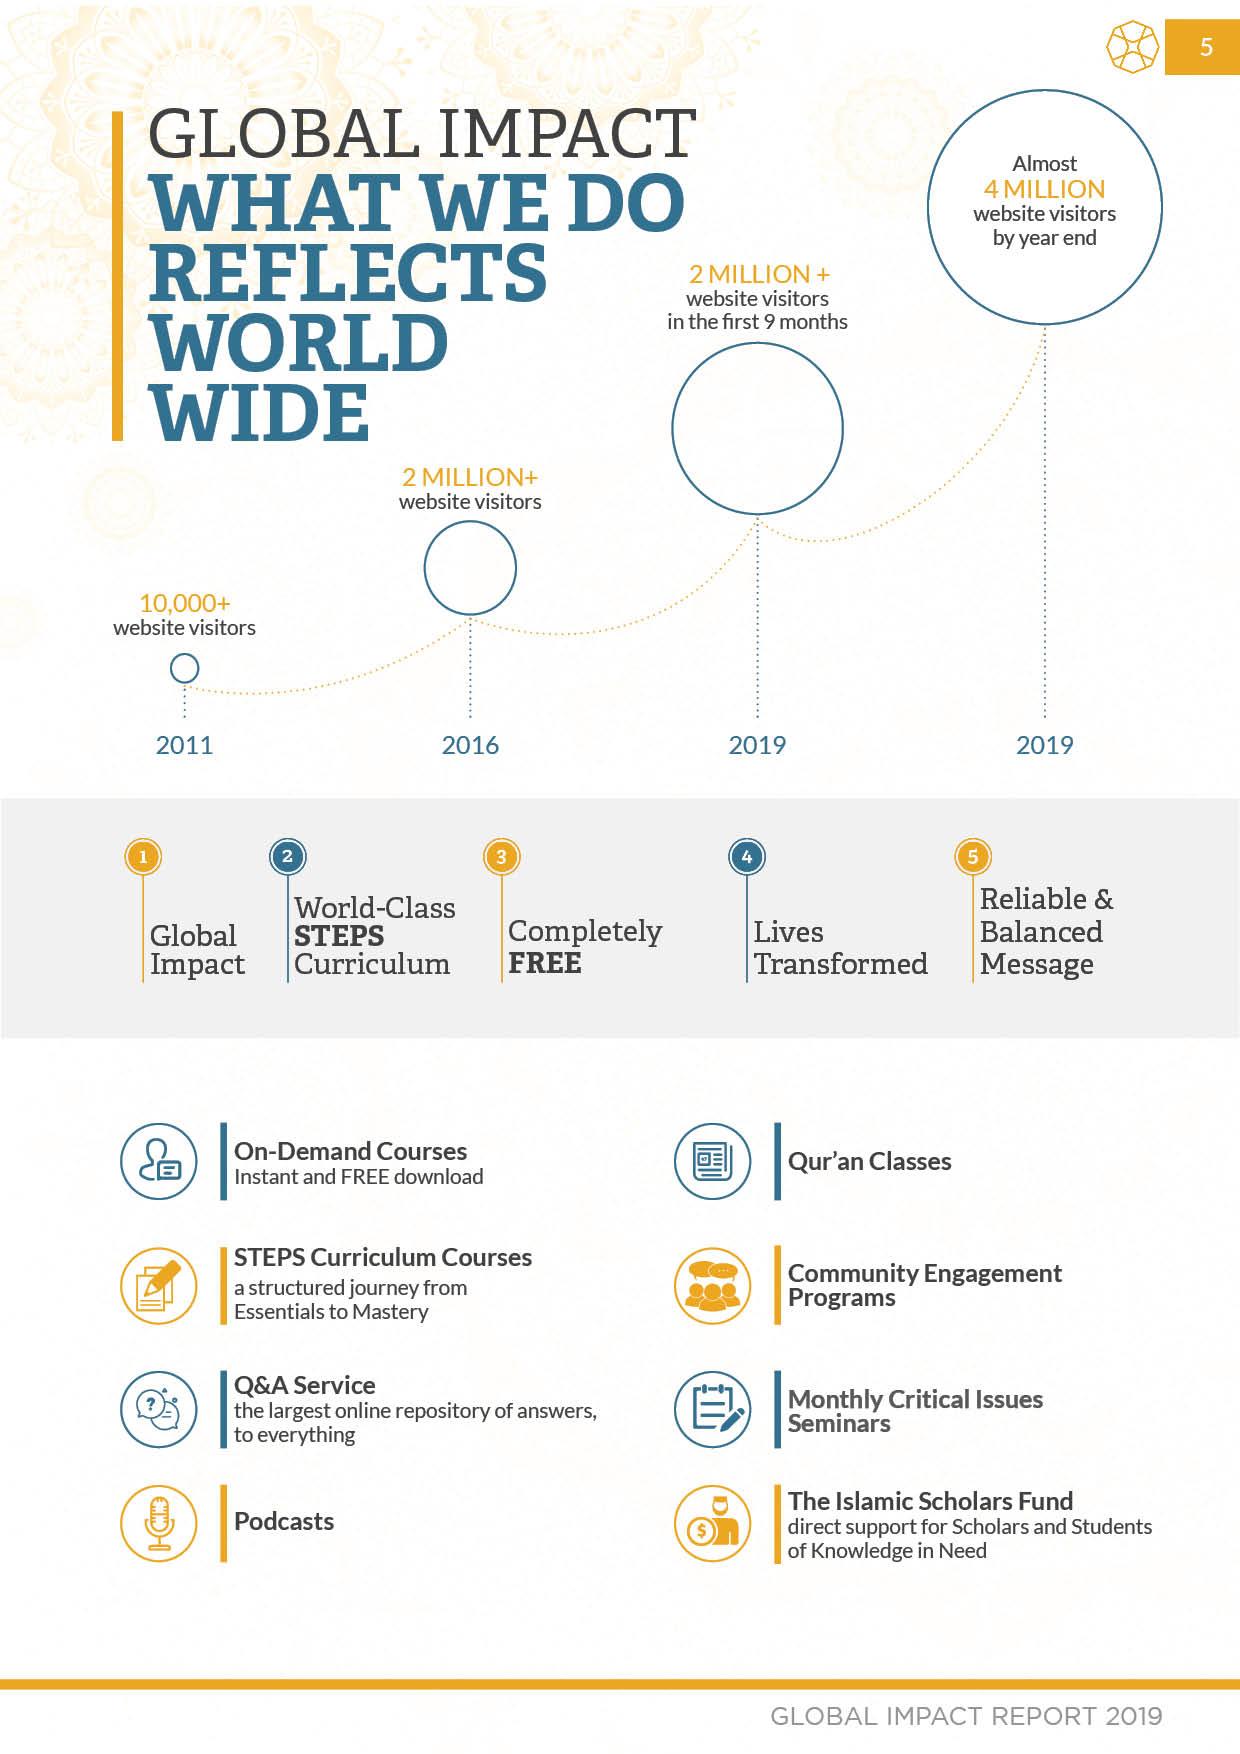 Global Impact Report 2019